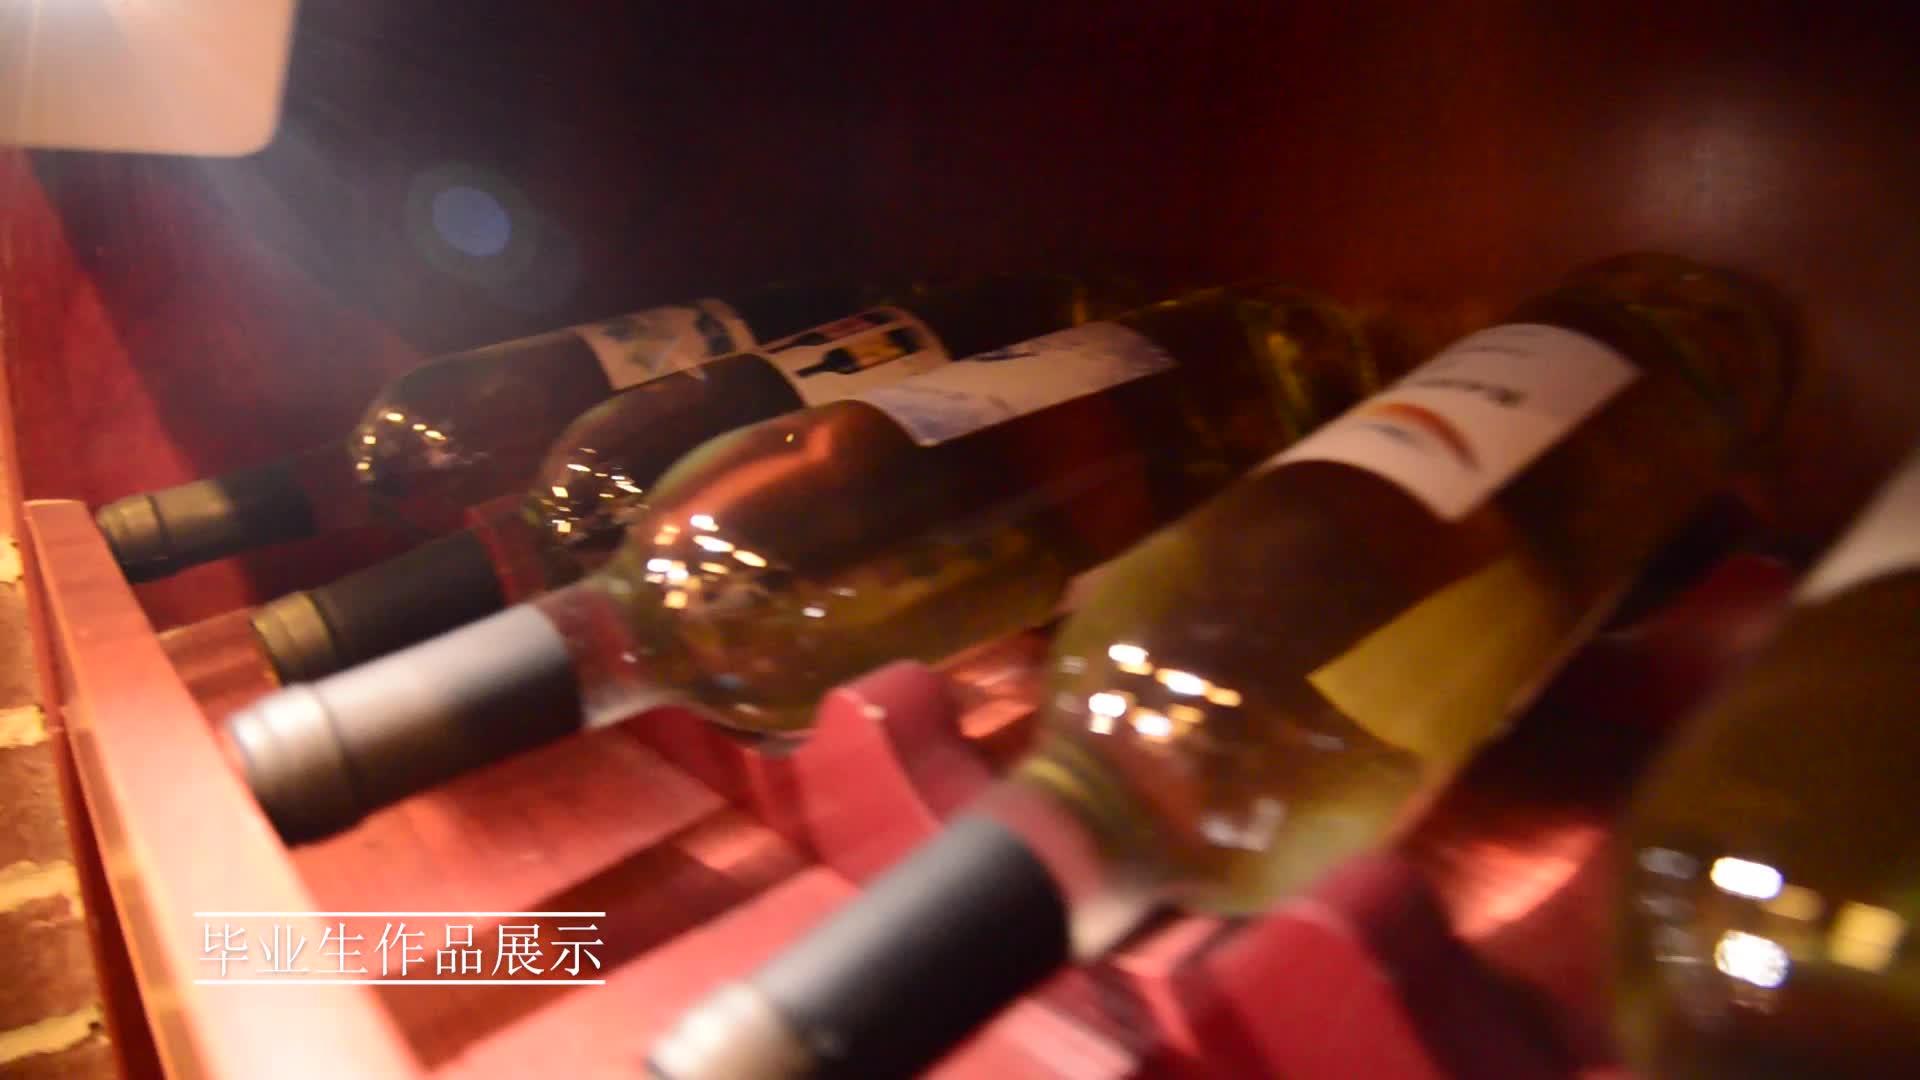 119 西北农林科技大学 葡萄与葡萄酒工程专业 王文睿